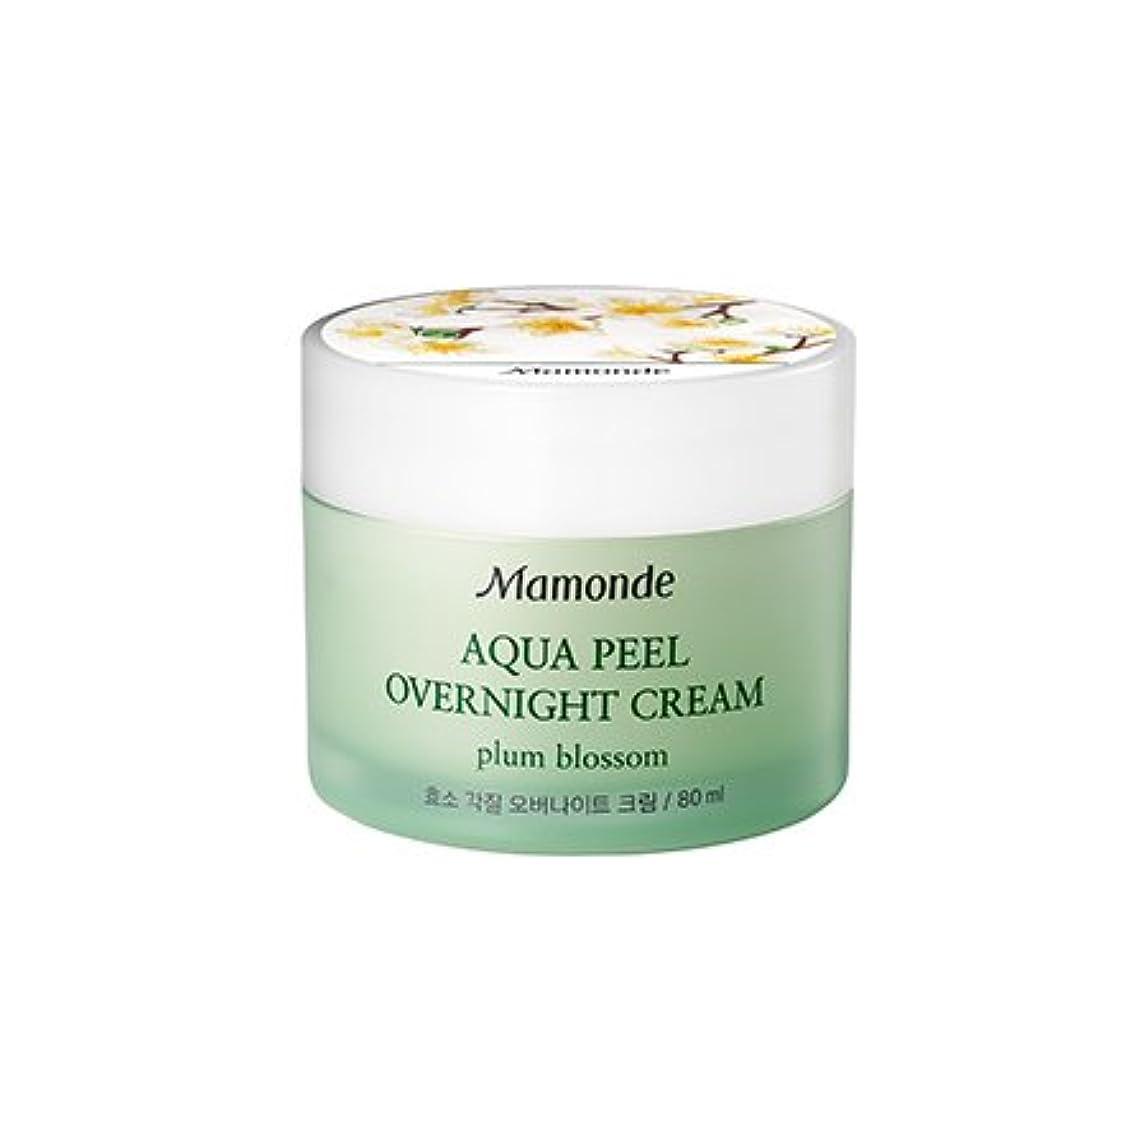 任命する合唱団所得Mamonde Aqua Peel Overnight Cream 80ml/マモンド アクア ピール オーバーナイト クリーム 80ml [並行輸入品]